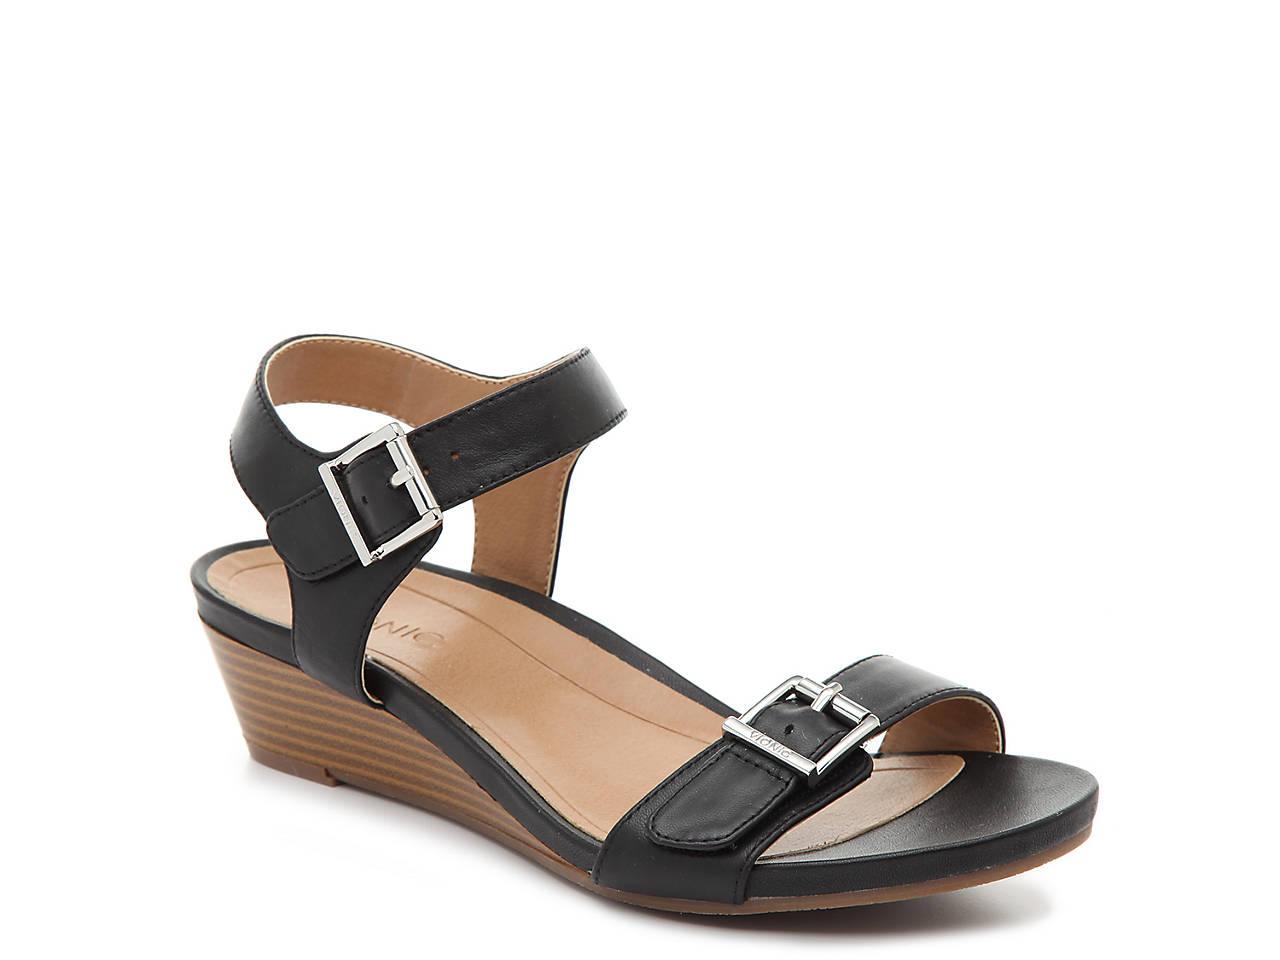 ec76aa6ae4ea Vionic Frances Wedge Sandal Women s Shoes